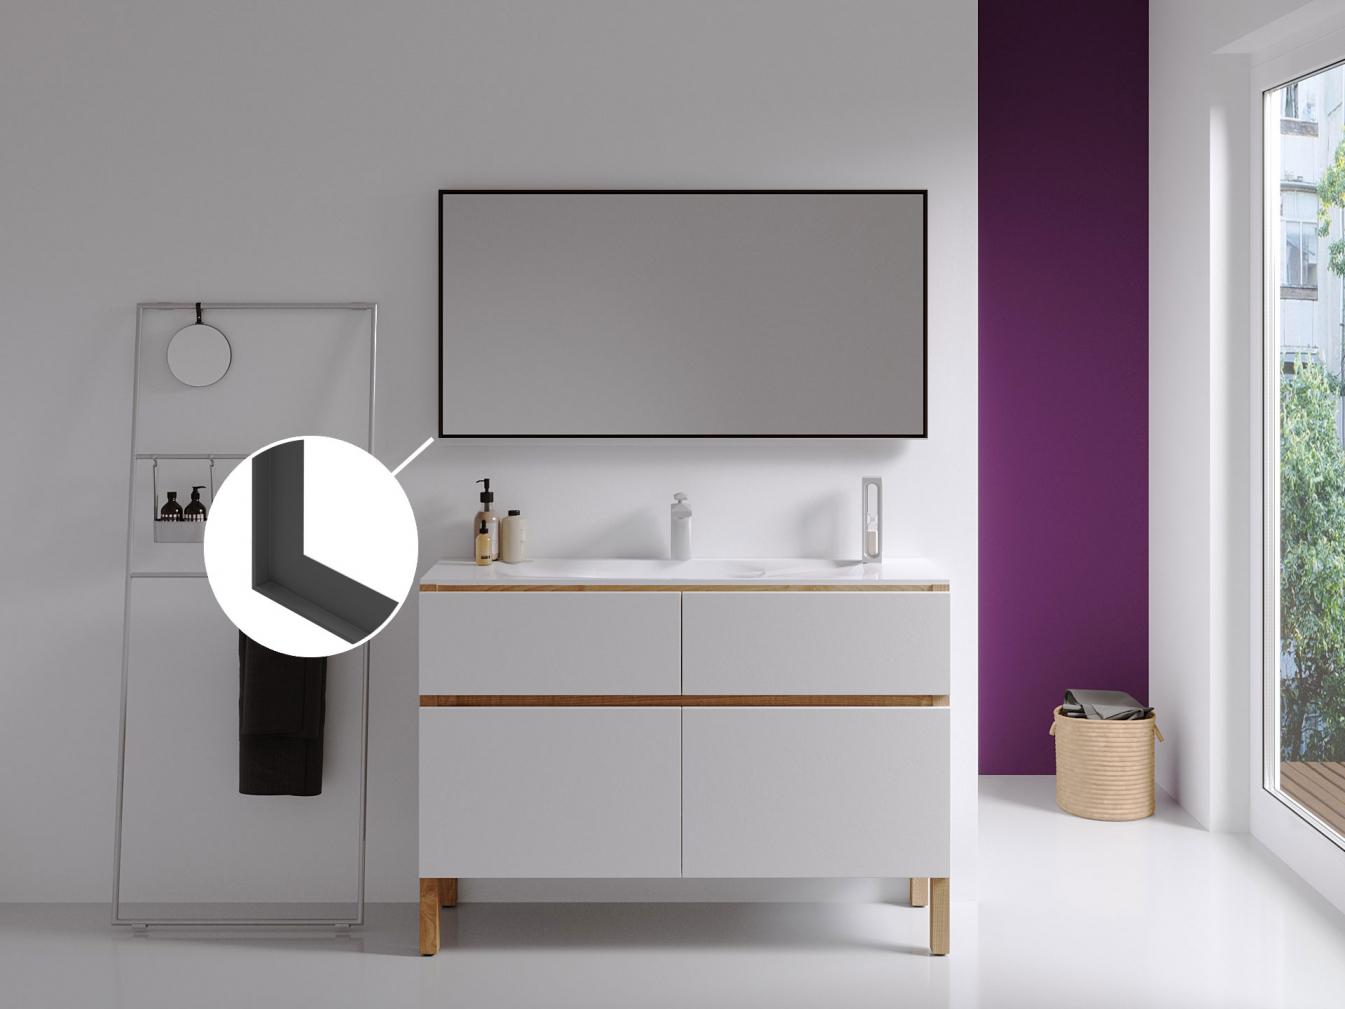 Badspiegel mit Rahmen schwarz 1,78 cm